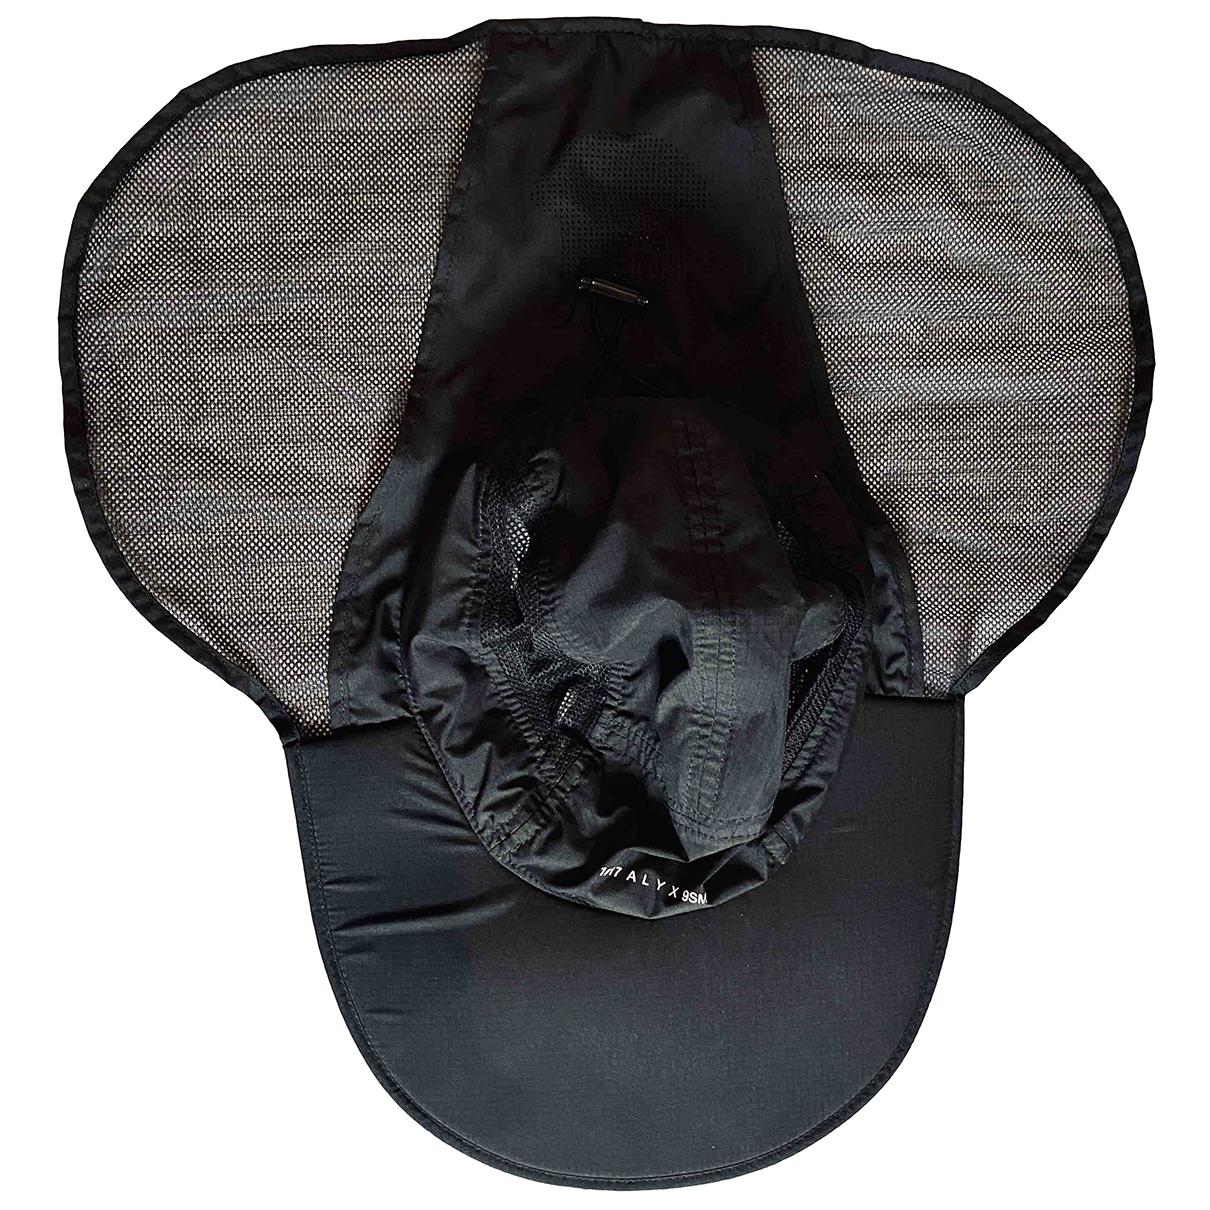 Moncler Genius - Chapeau & Bonnets Moncler n°6 1017 Alyx 9SM pour homme - noir